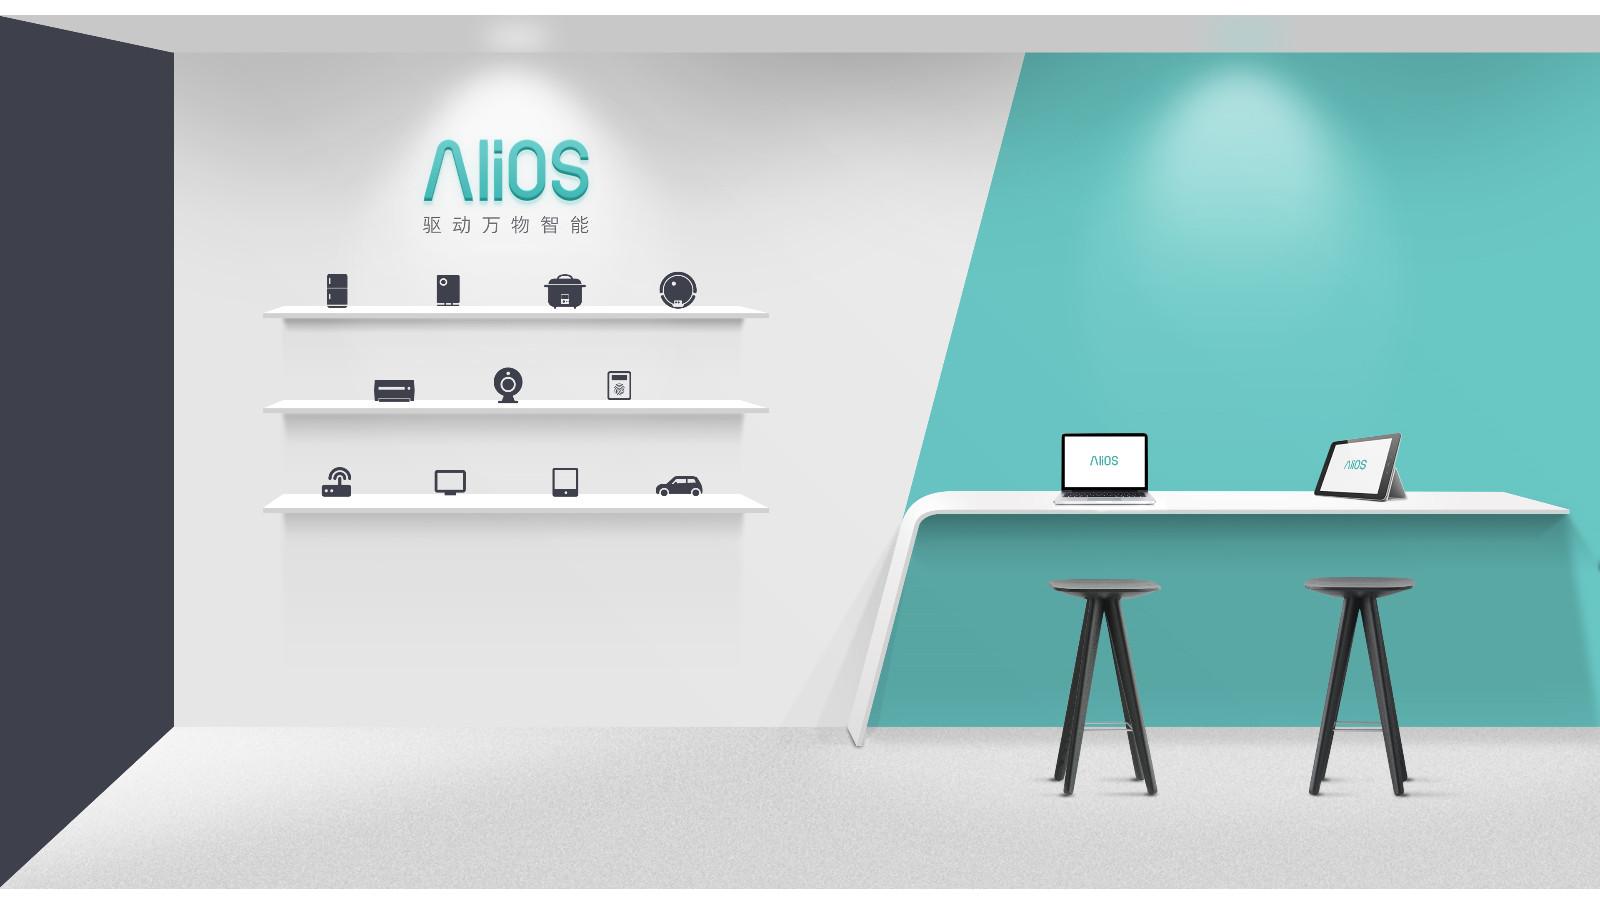 Alibaba, AliOS, компания-производитель, интернет вещей